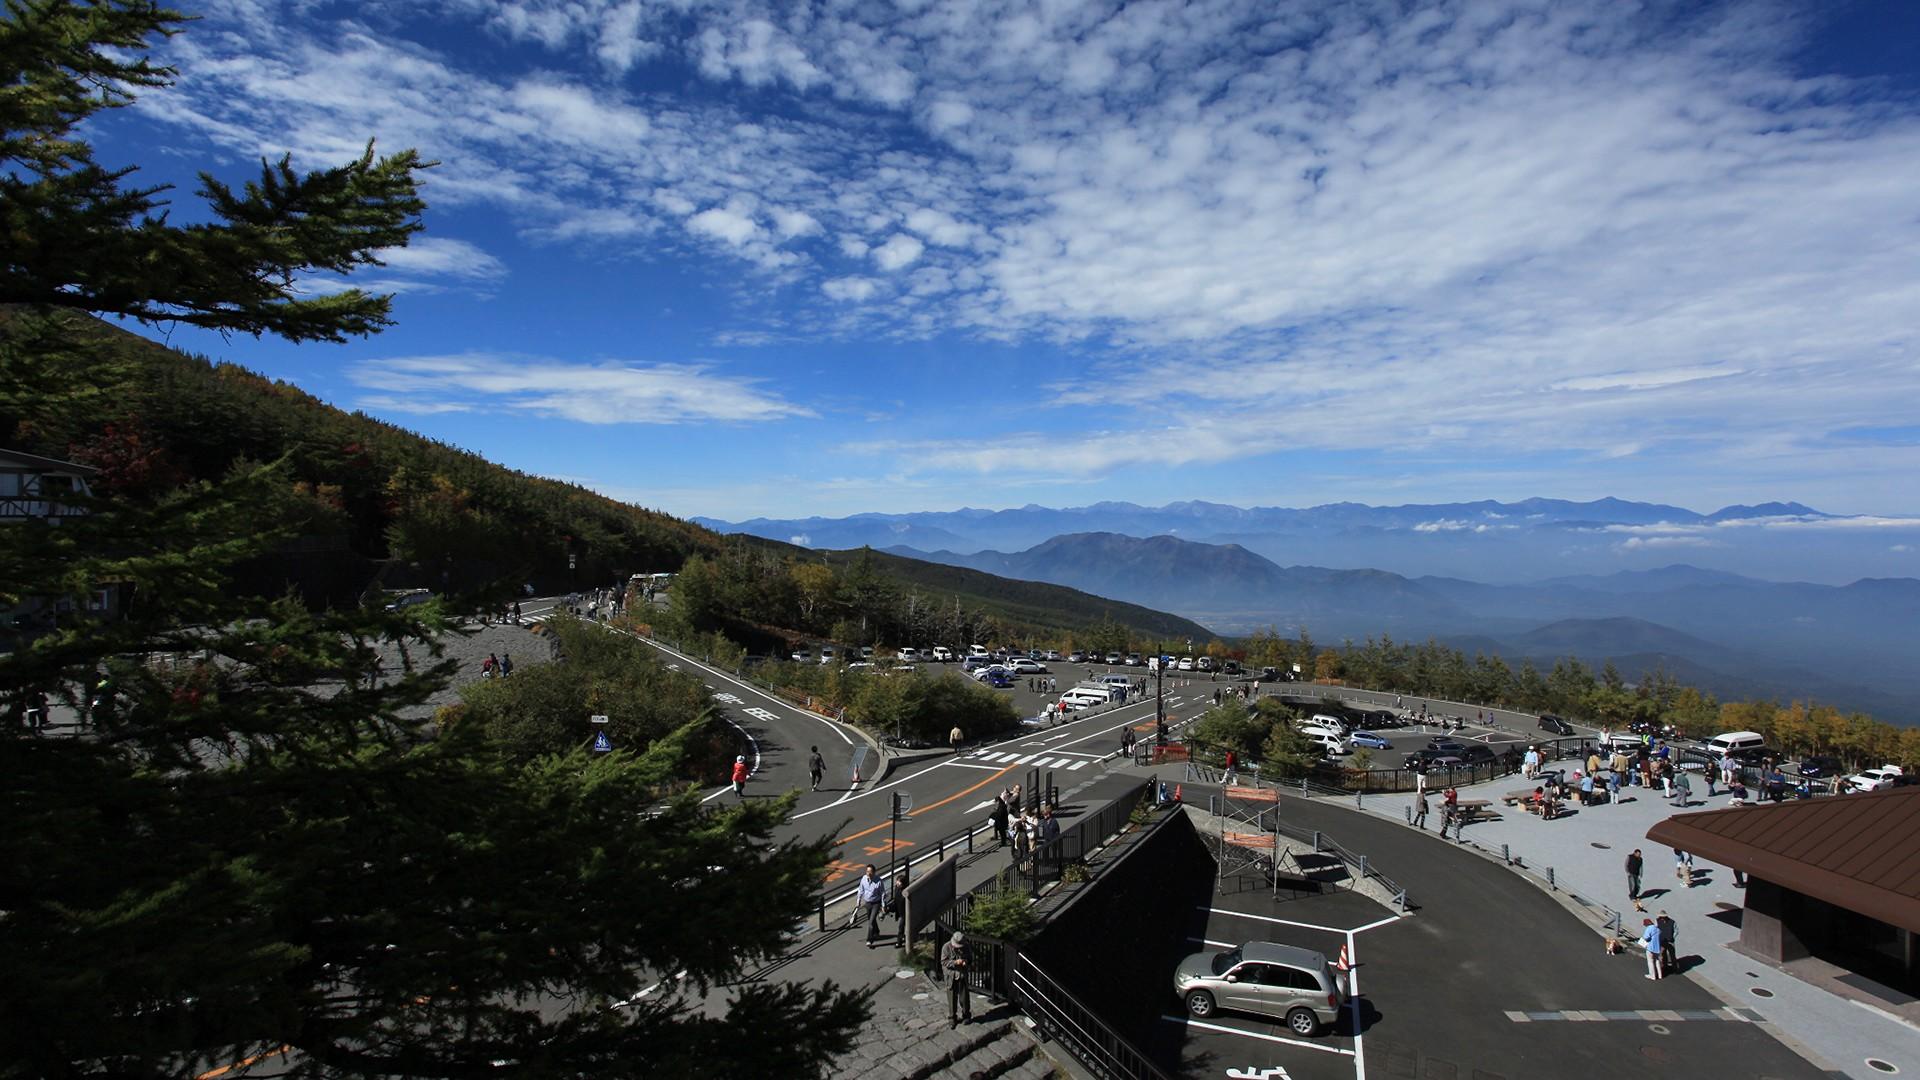 【富士山五合目】 登富士山必經 山腰處欣賞絕美景致 - Travelliker 愛遊人